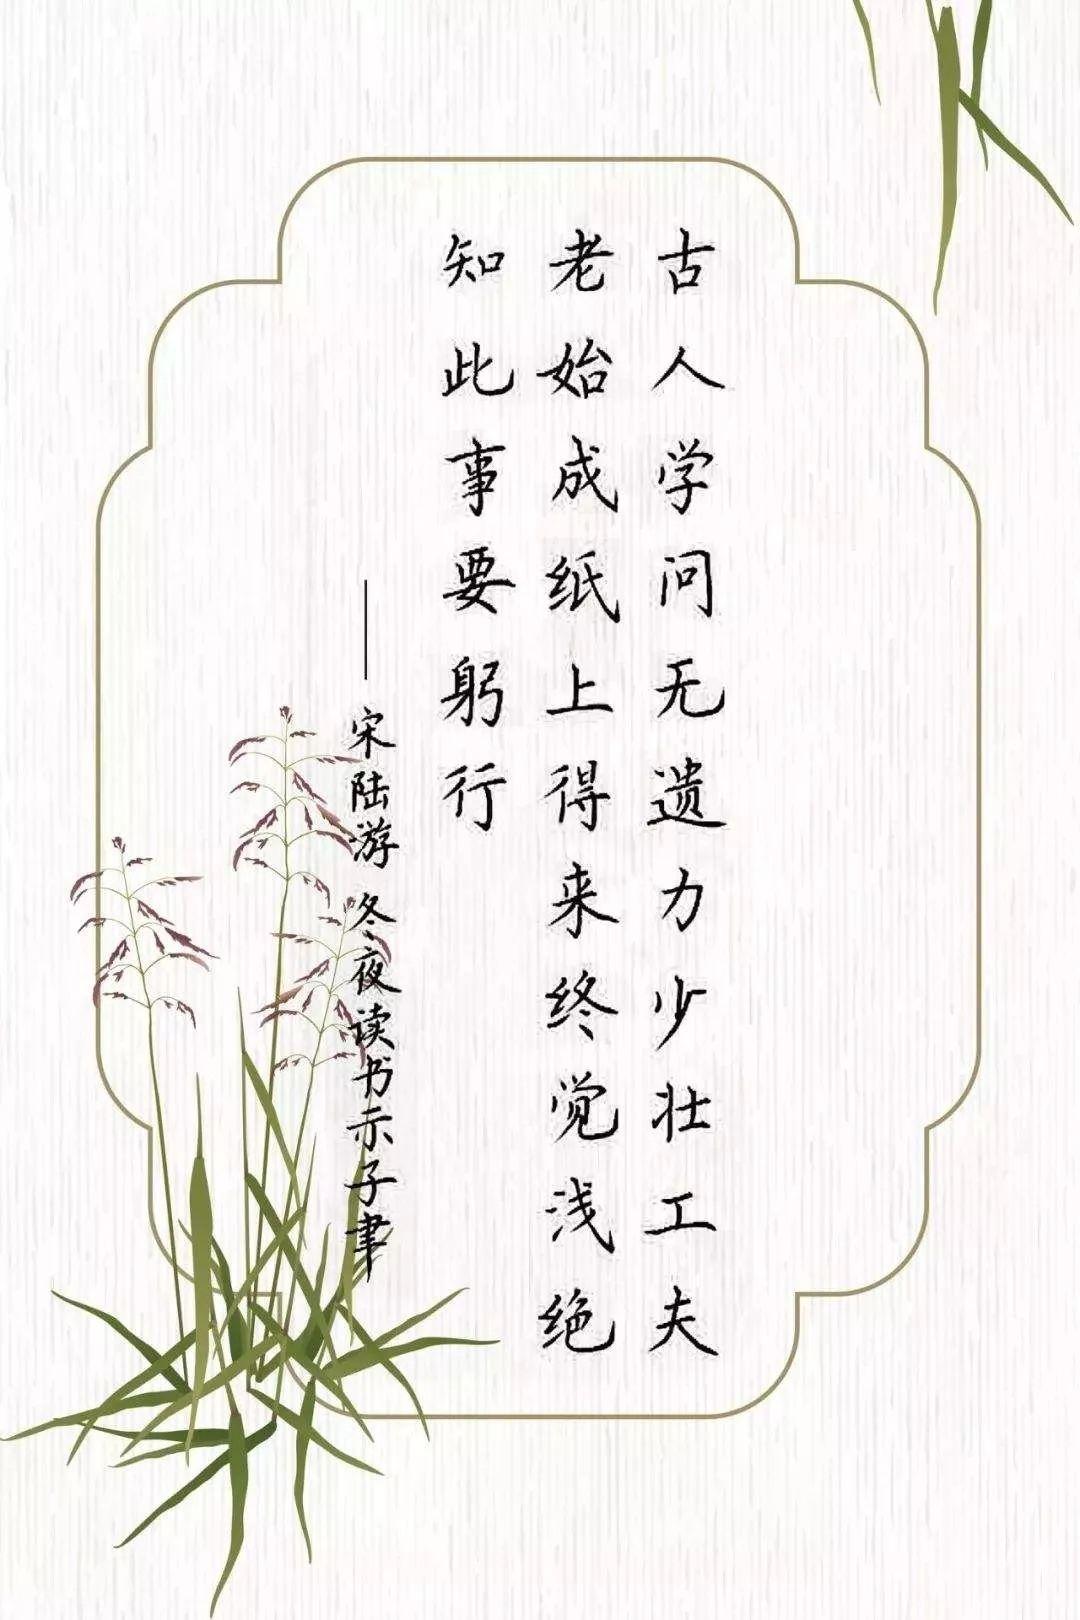 学习用典�蚯啻盒槎任匏�成,白首衔悲亦何及